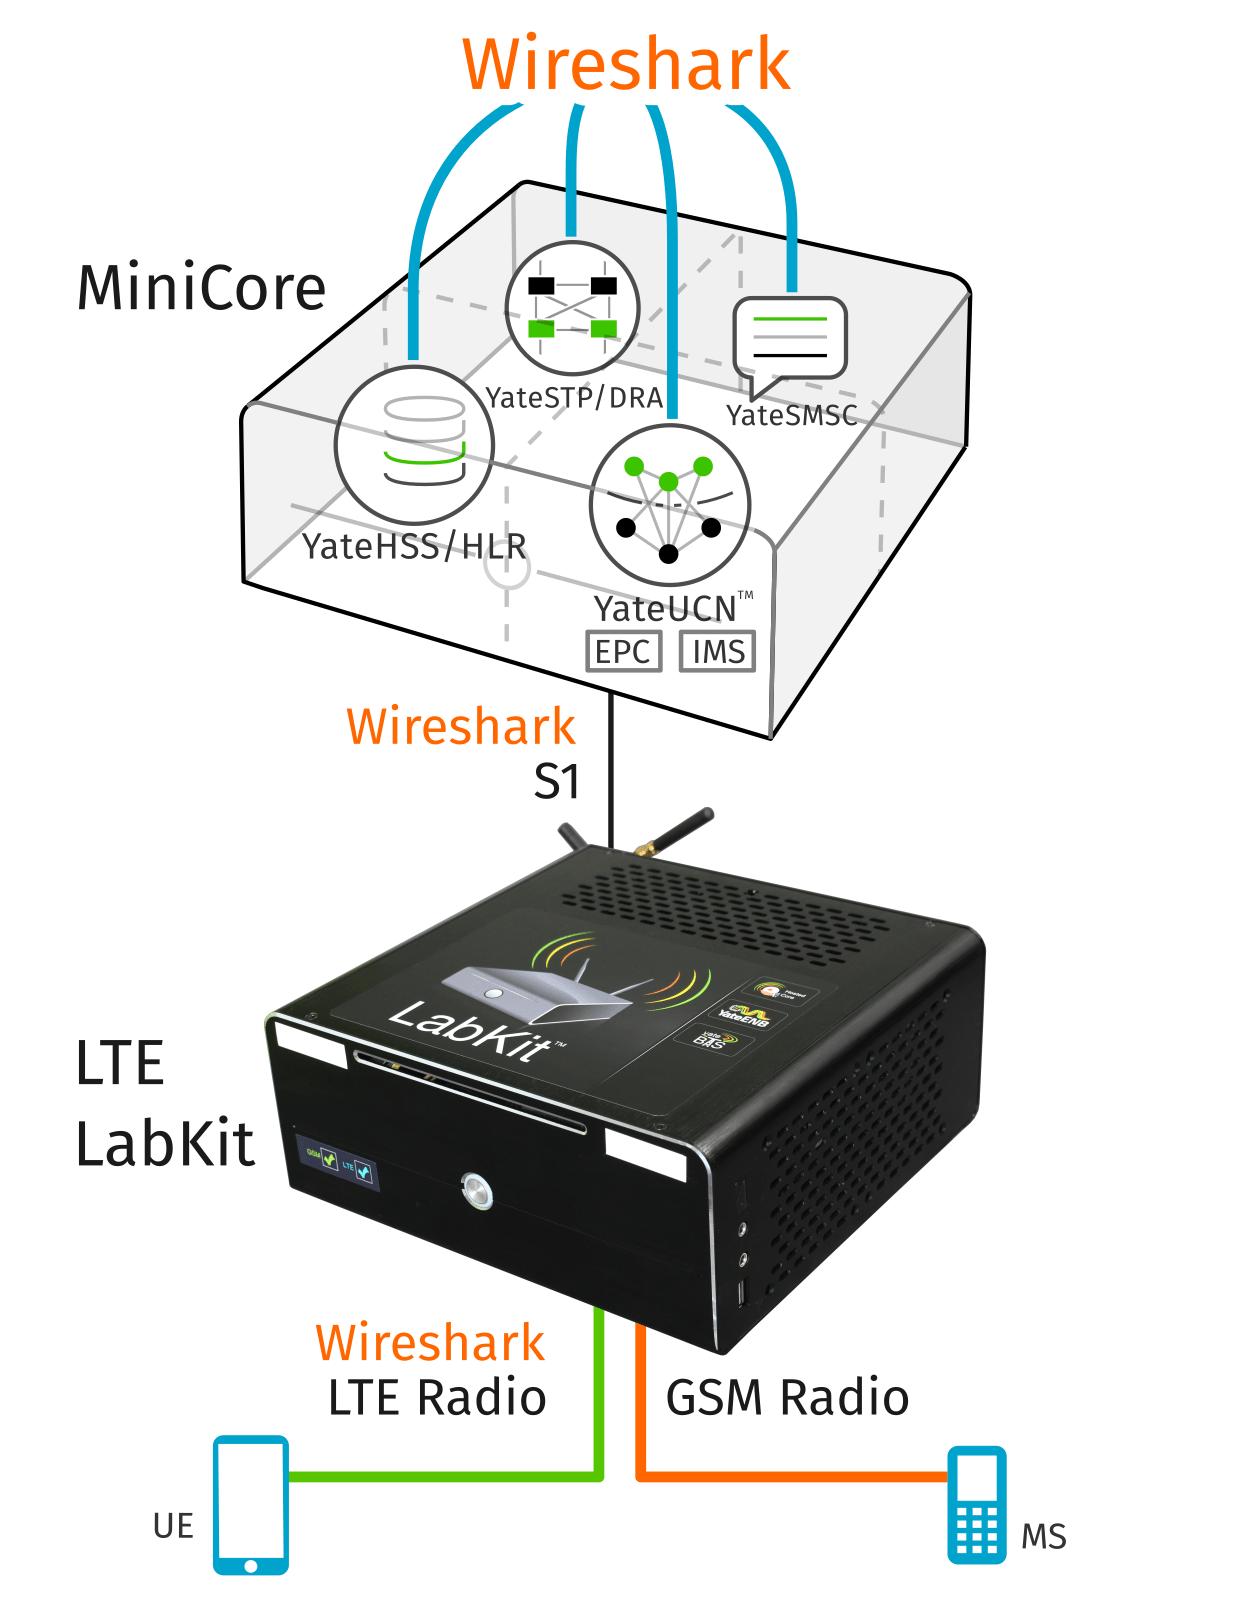 lte-labkit-and-minicore-gsm-lte-core-network